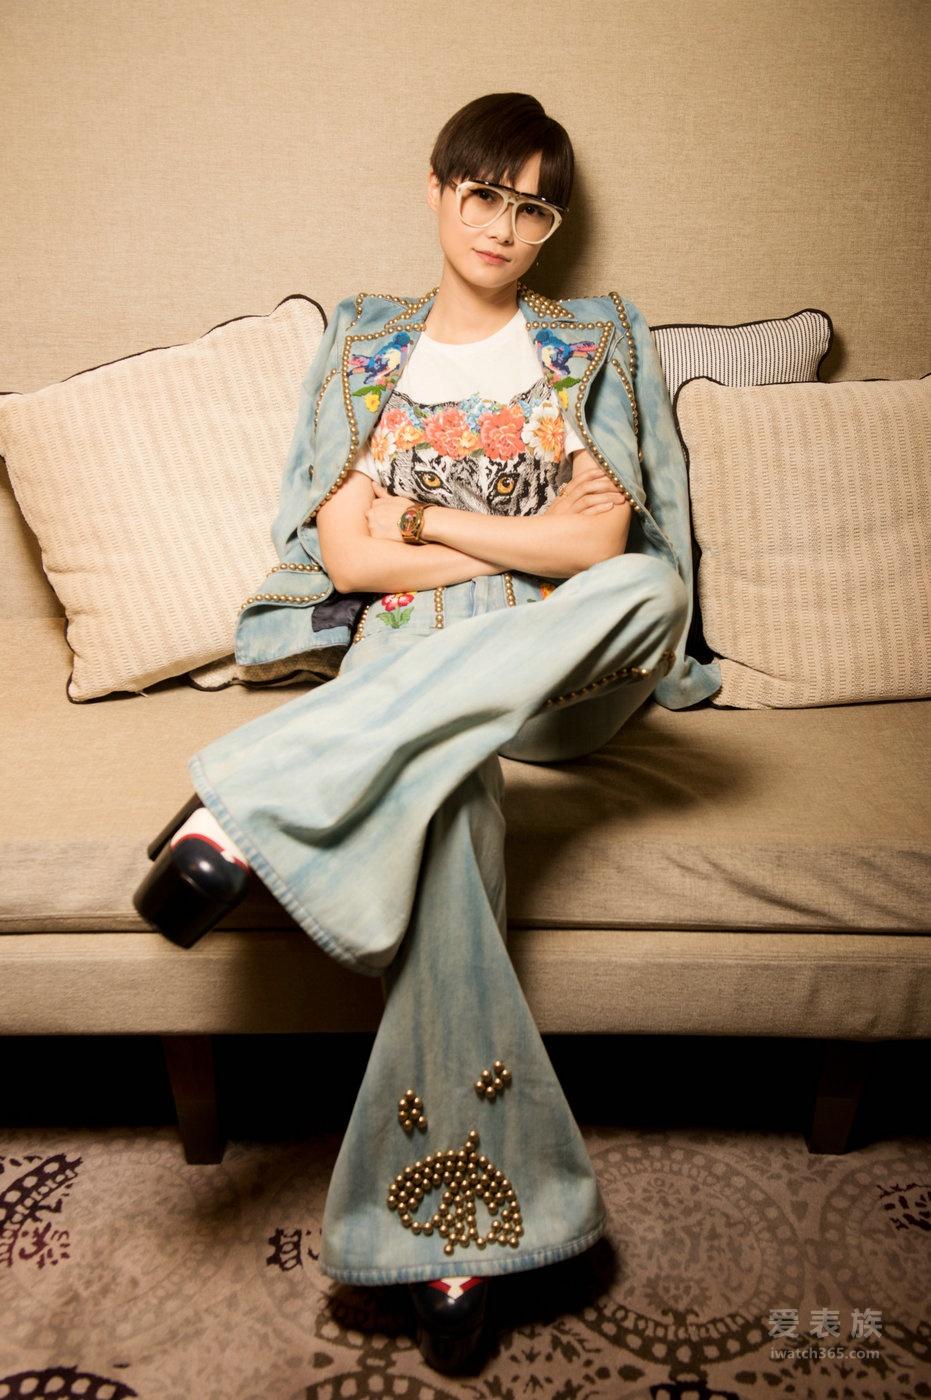 李宇春佩戴Gucci腕表首饰新品古驰亮相首次男女装合并时装秀及机场